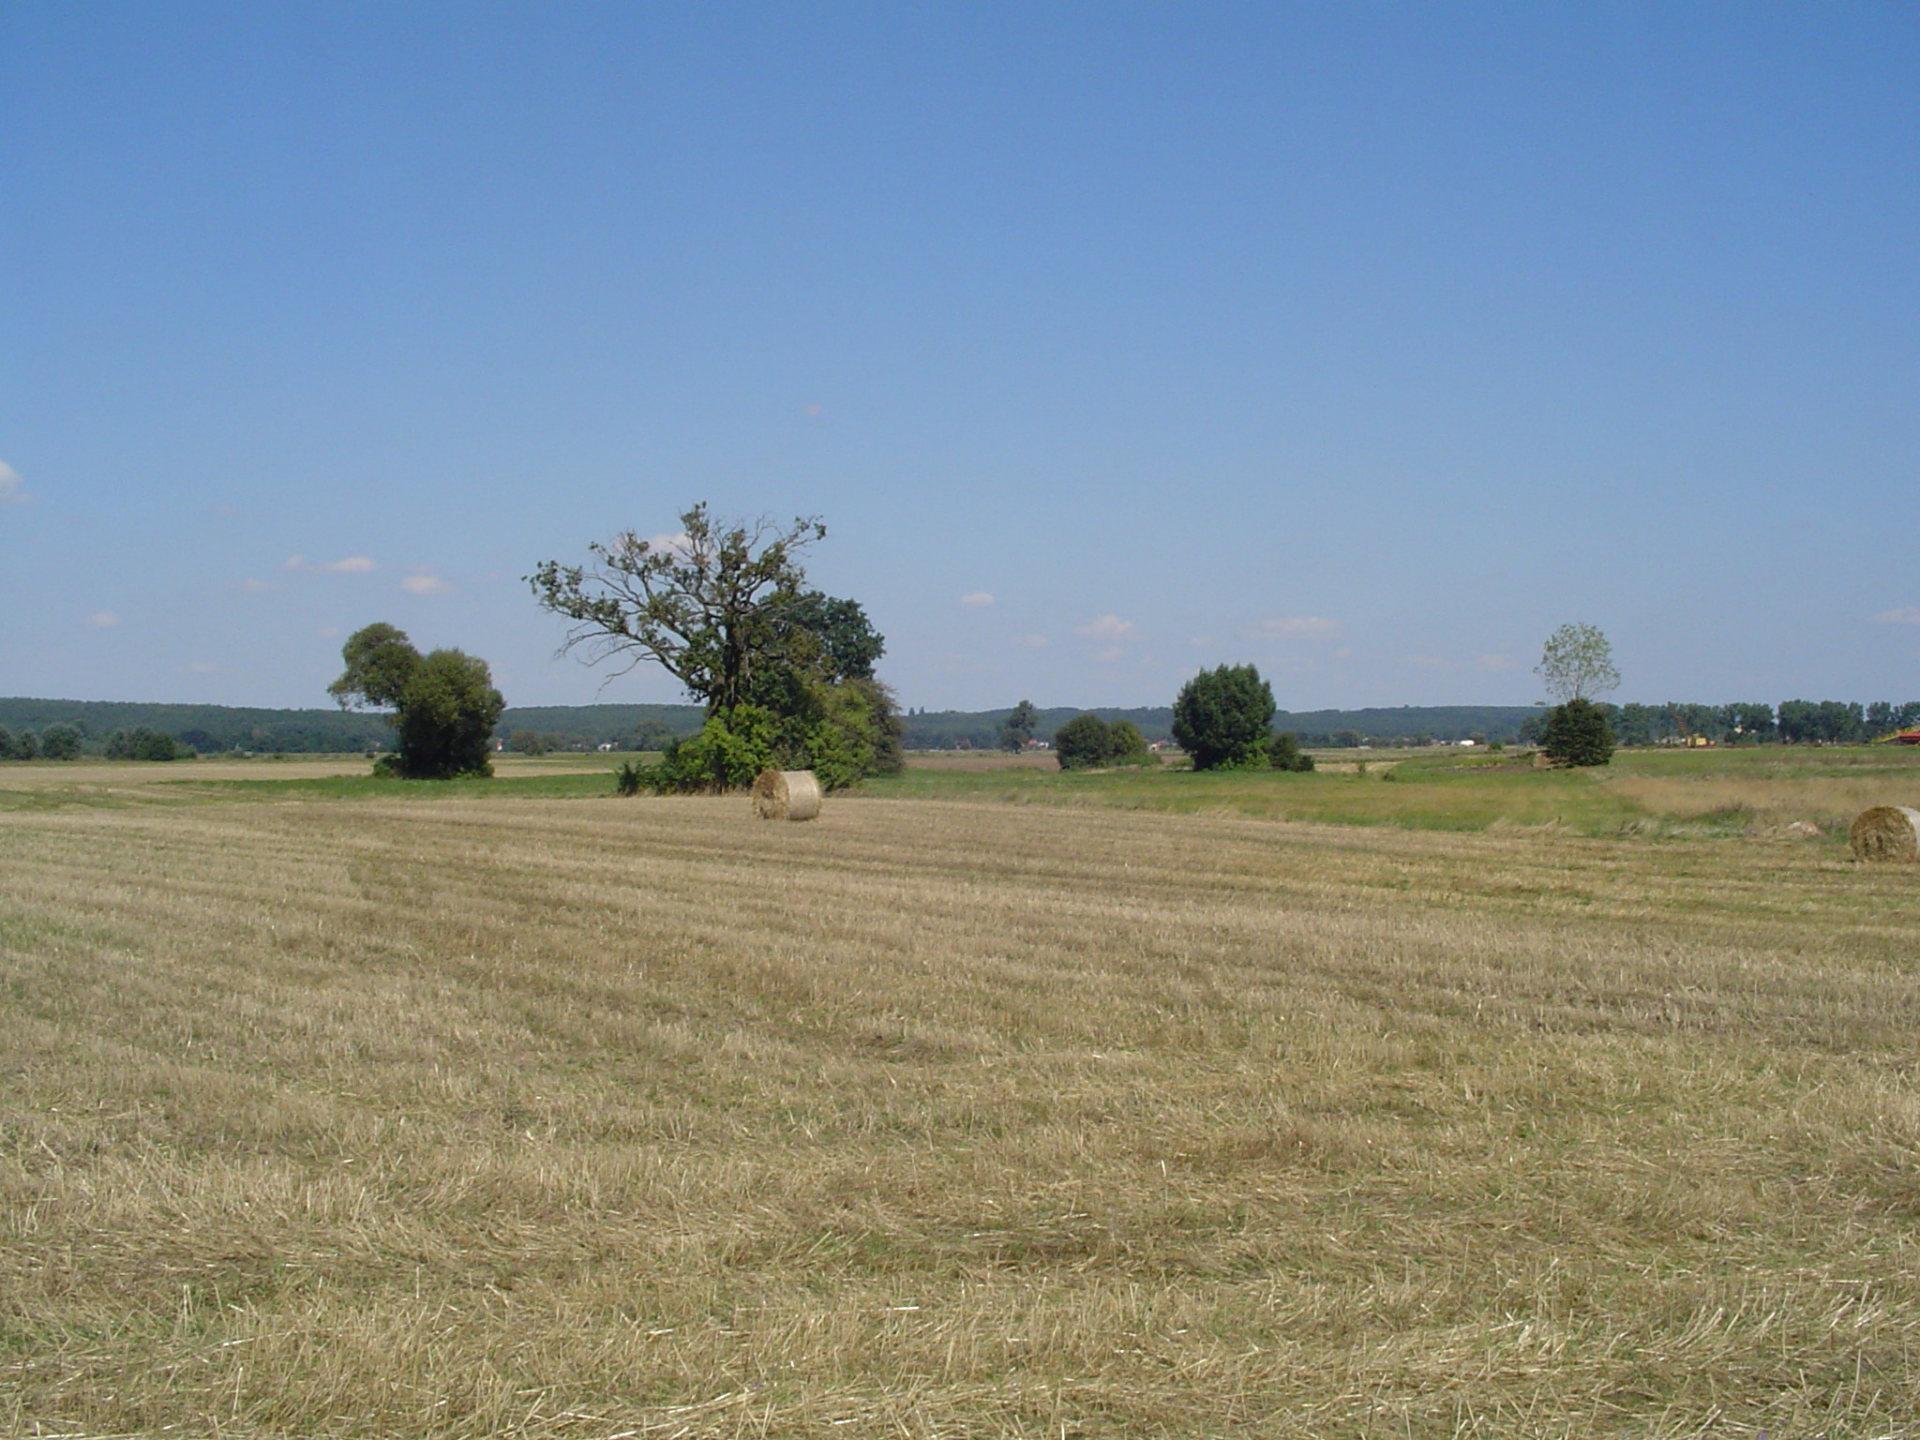 Równinne dno pradoliny warszawsko-berlińskiej w rejonie Kościana (Wielkopolska).